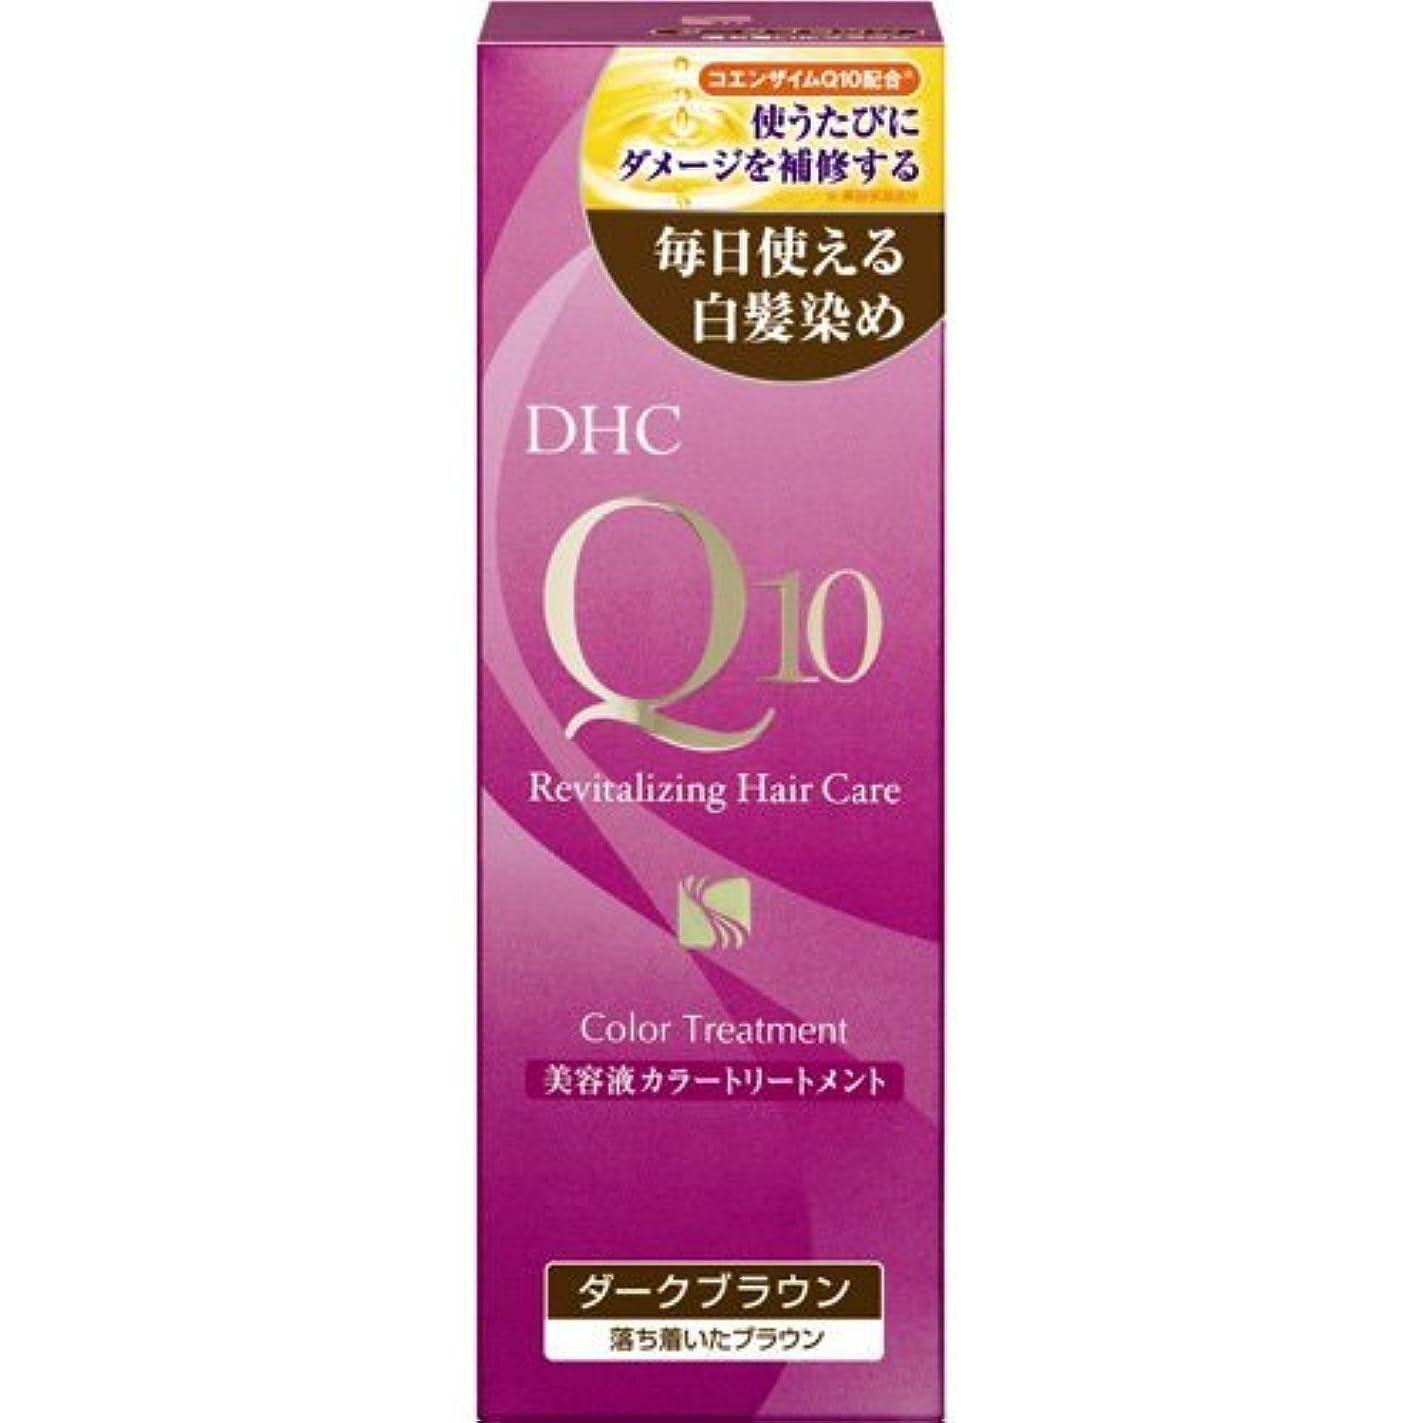 帝国主義方程式文字通り【まとめ買い】DHC Q10美溶液カラートリートメントDブラウンSS170g ×5個